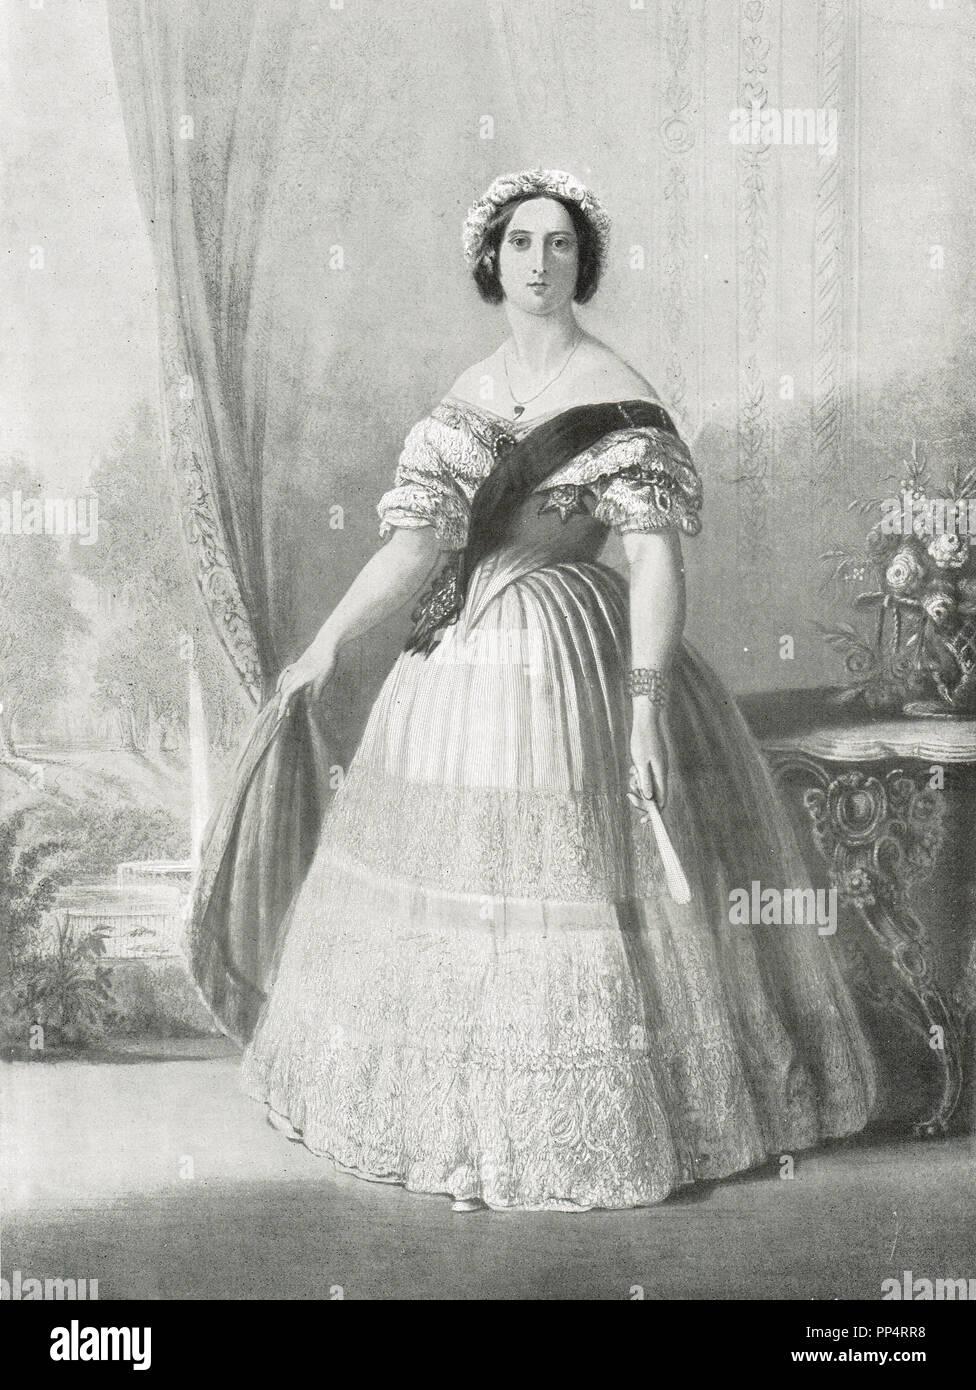 Queen Victoria in 1843 - Stock Image